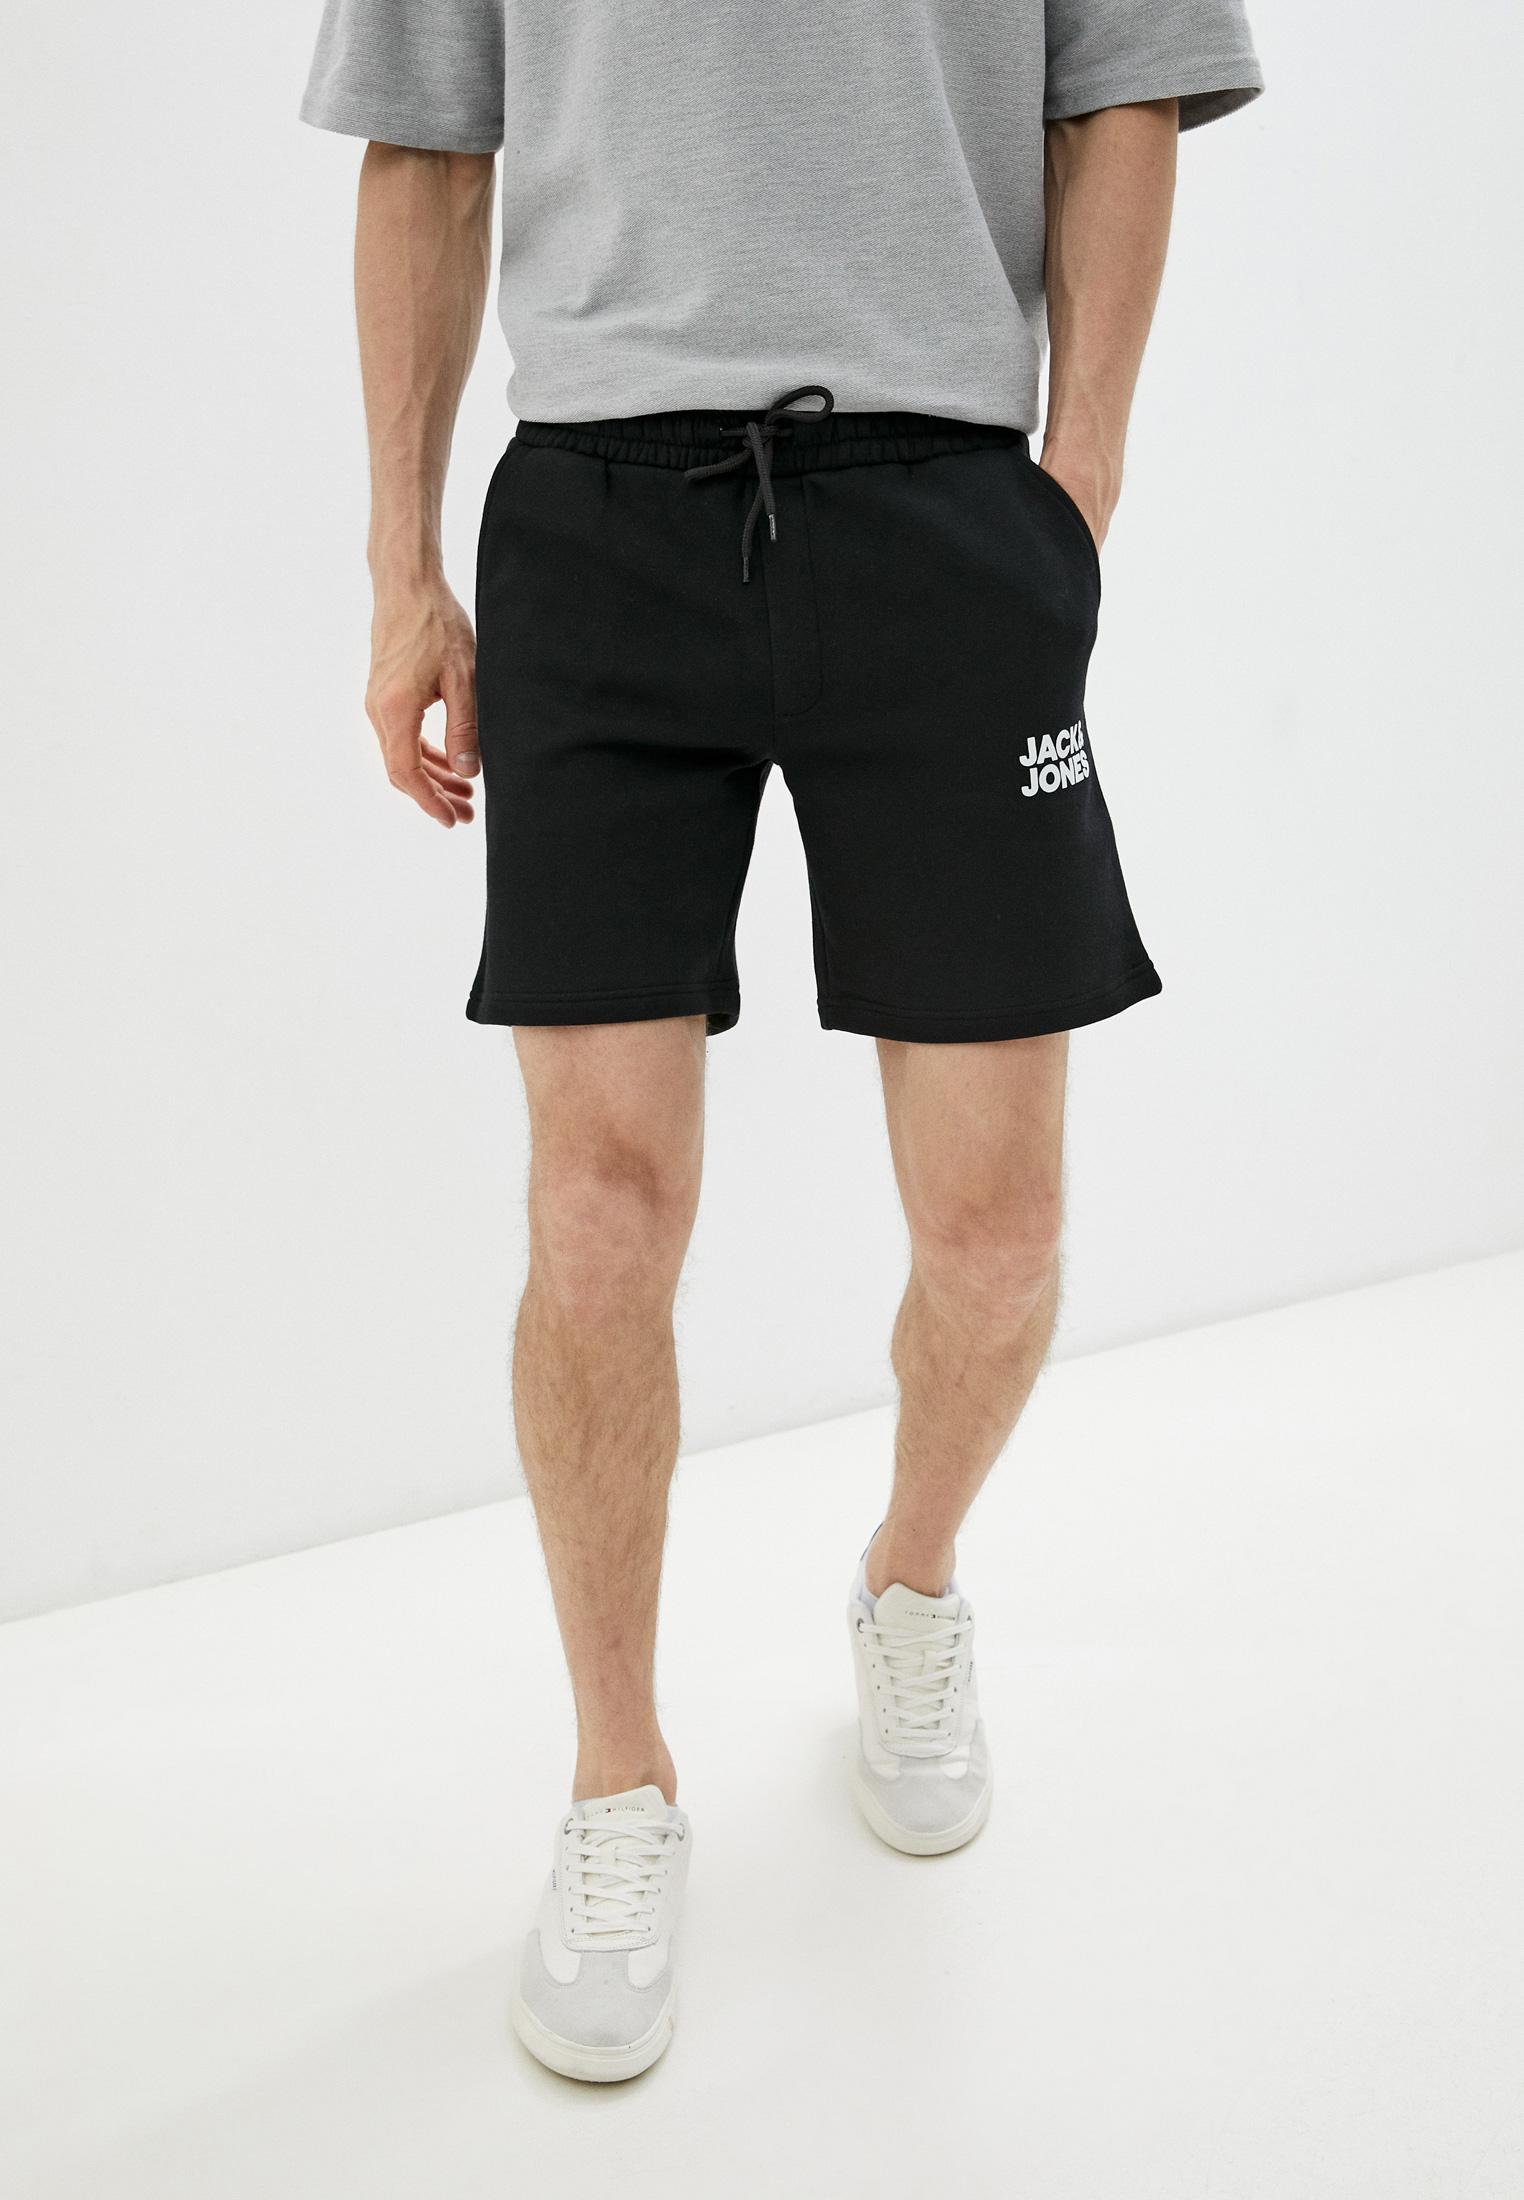 Мужские повседневные шорты Jack & Jones (Джек Энд Джонс) Шорты спортивные Jack & Jones